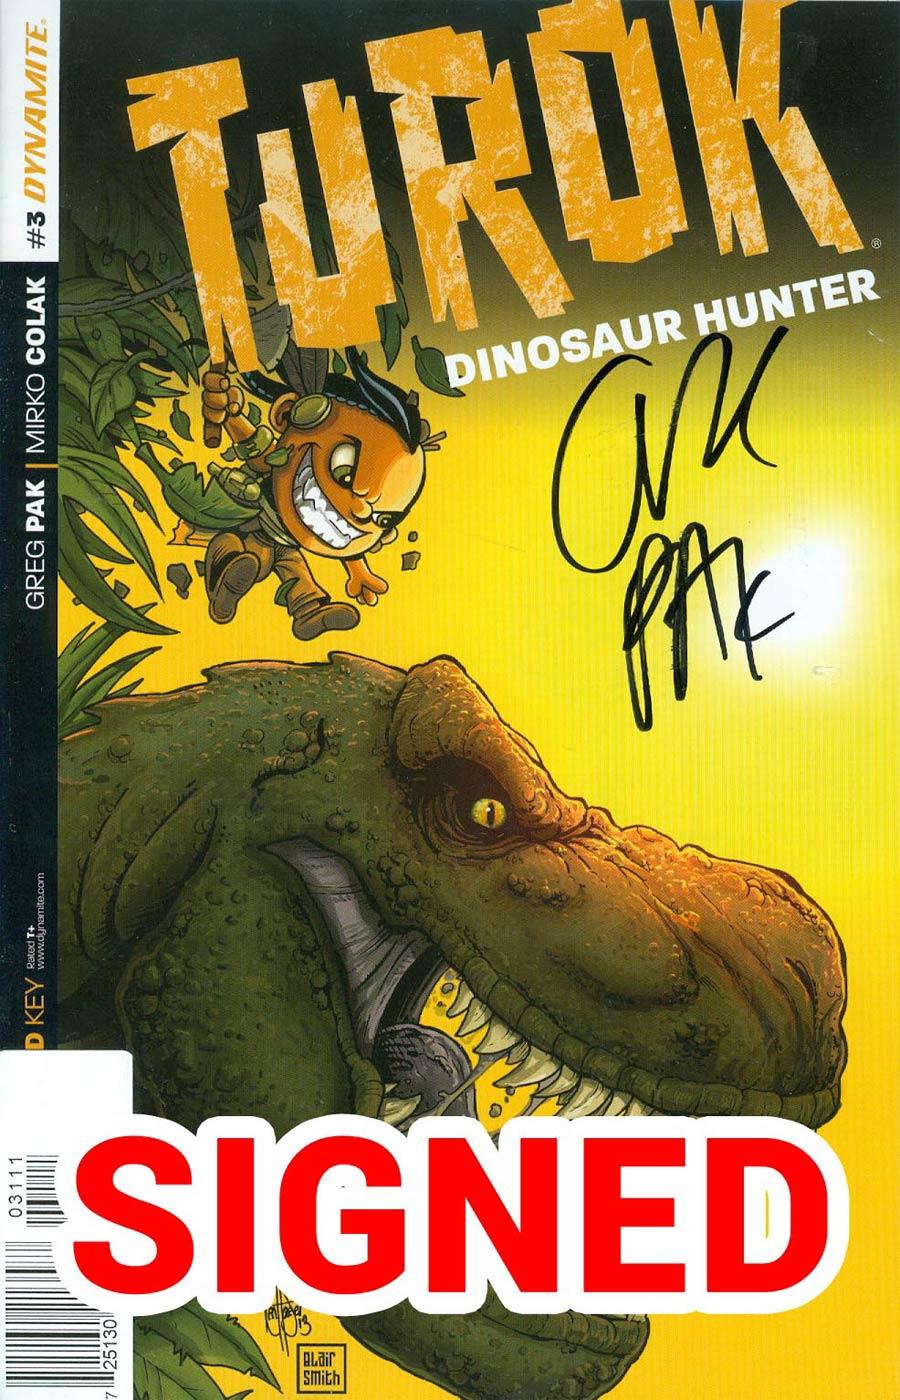 Turok Dinosaur Hunter Vol 2 #3 Cover F Incentive Ken Haeser Lil Turok Variant Cover Signed By Greg Pak